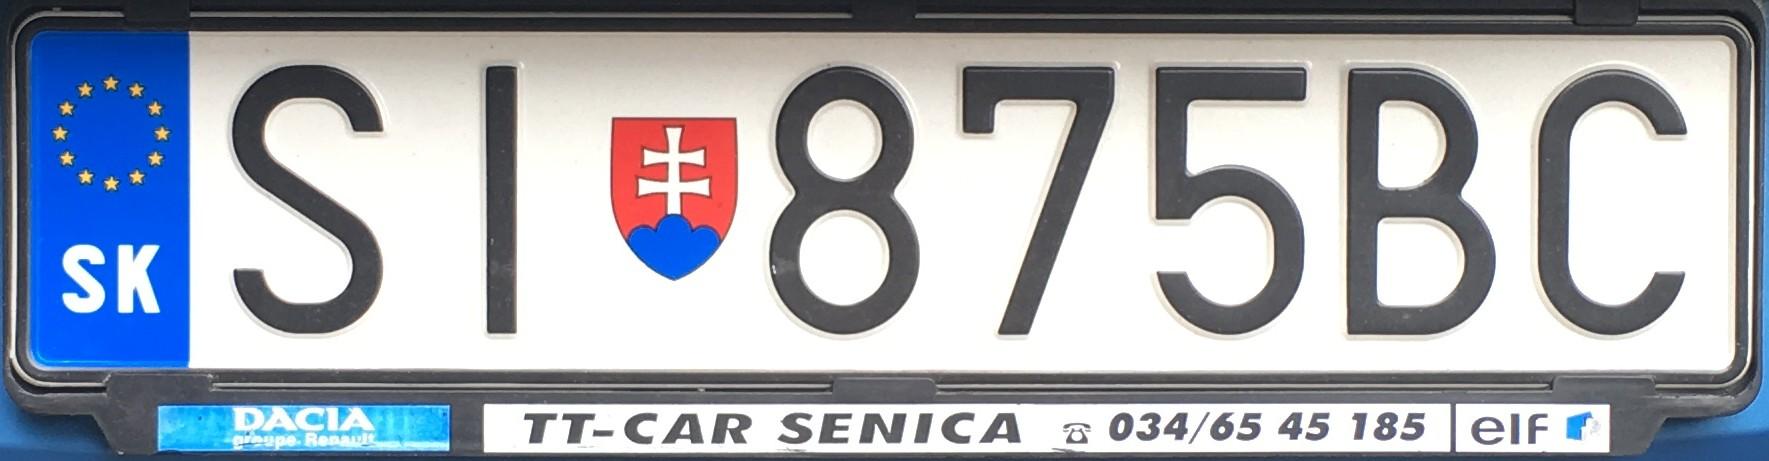 Registrační značka: SI - Skalica, foto: vlastní